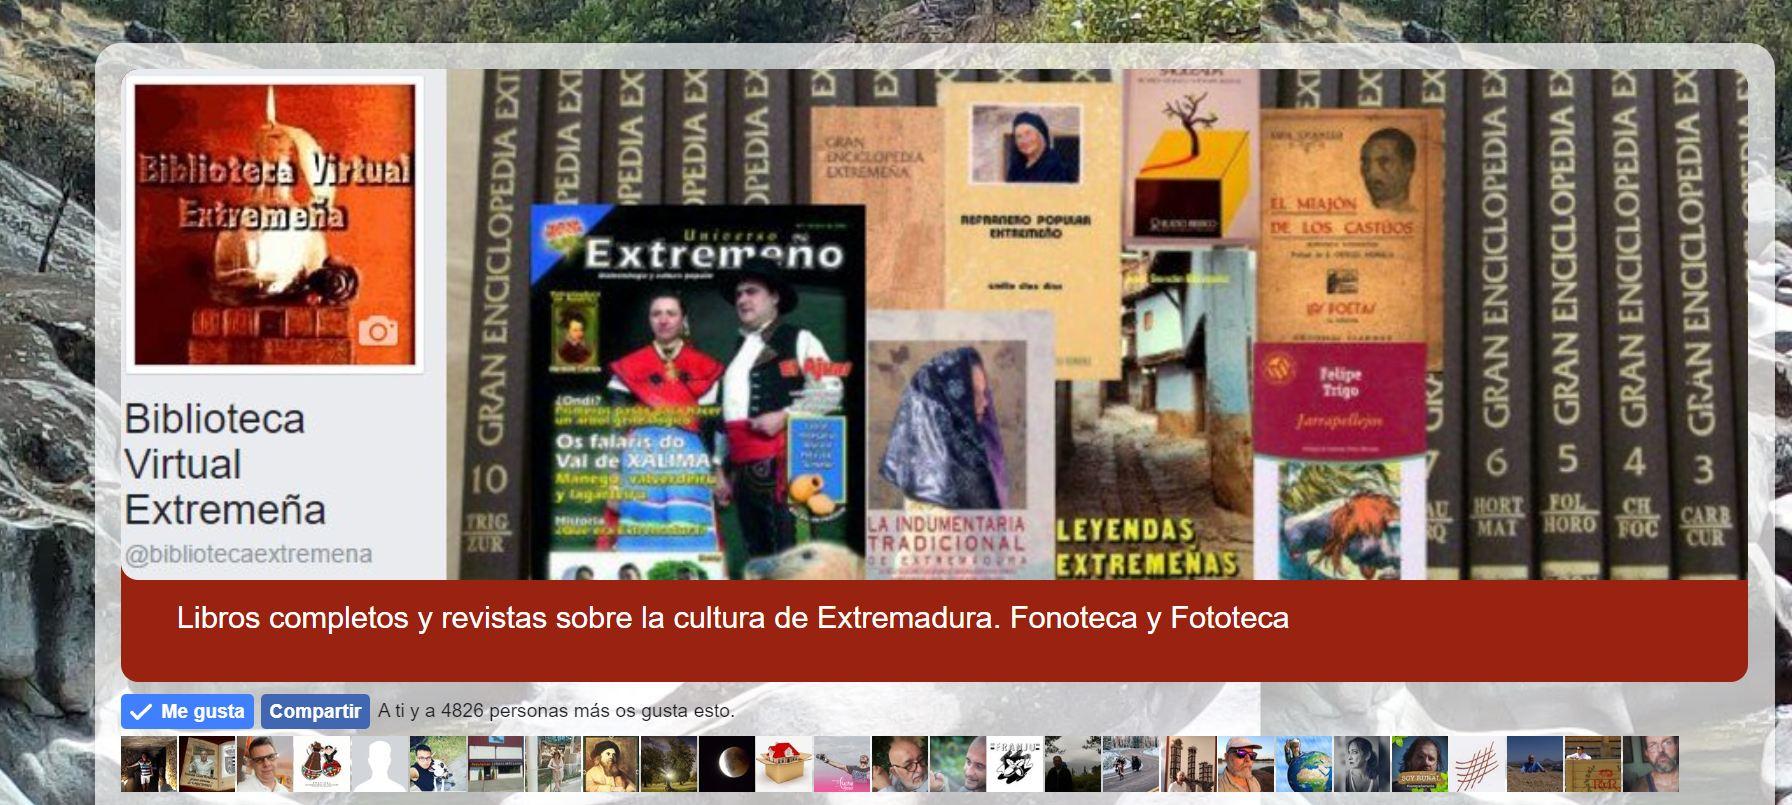 2003 Precedentes, Biblioteca Virtual Extremeña y otros proyectos